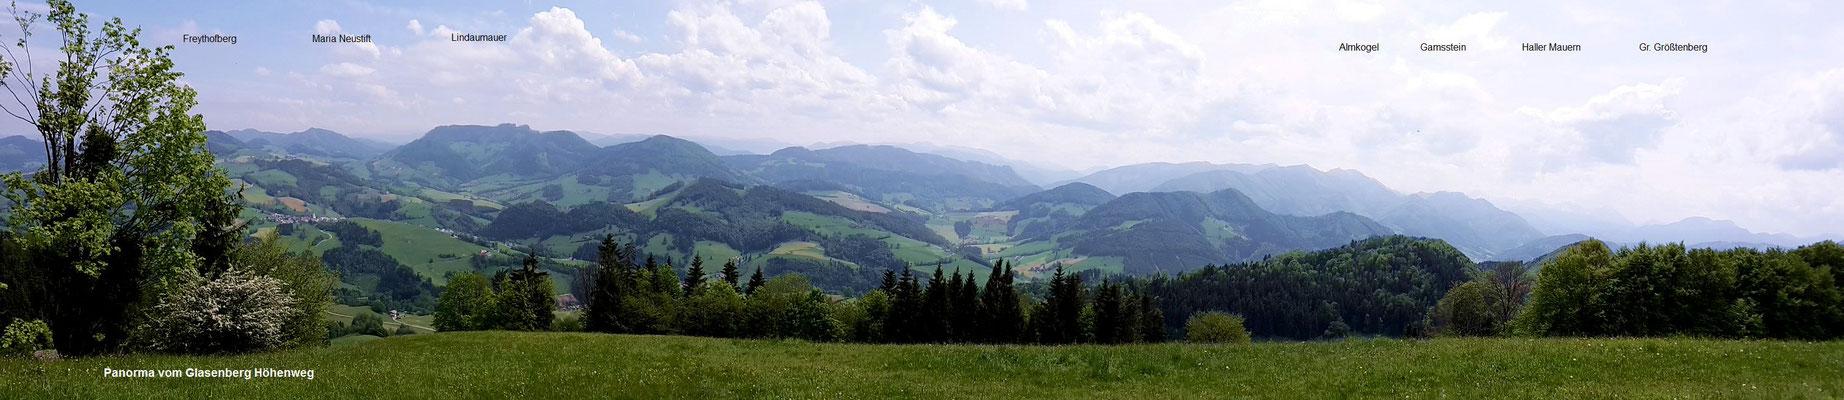 Panorama vom Glasenberg-Höhgenweg südwestlich des höchstenj Punkts